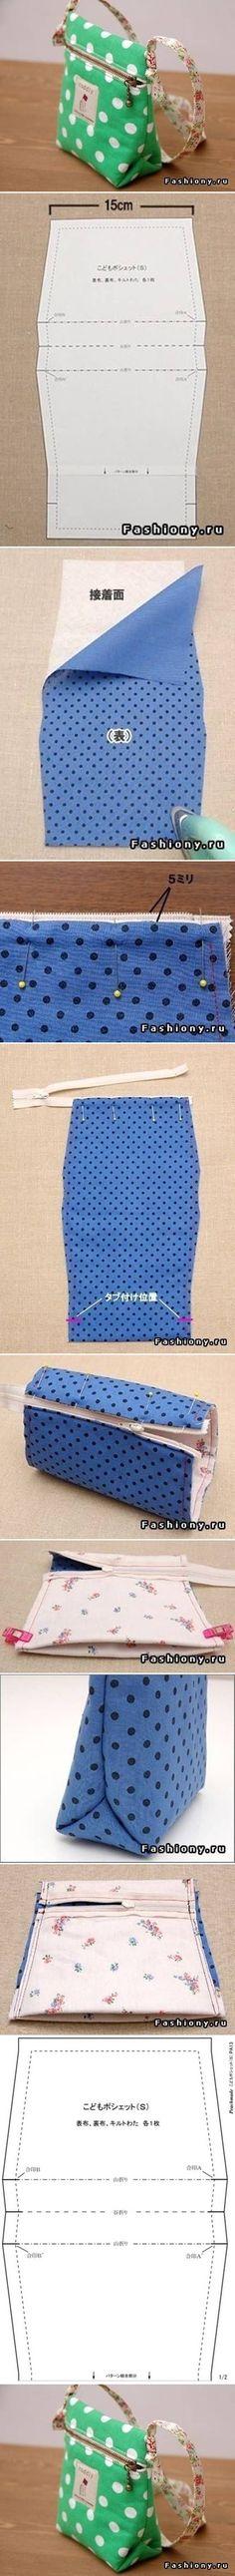 Bolsa pequena com ziper - pap ............DIY Small Sew Handbag